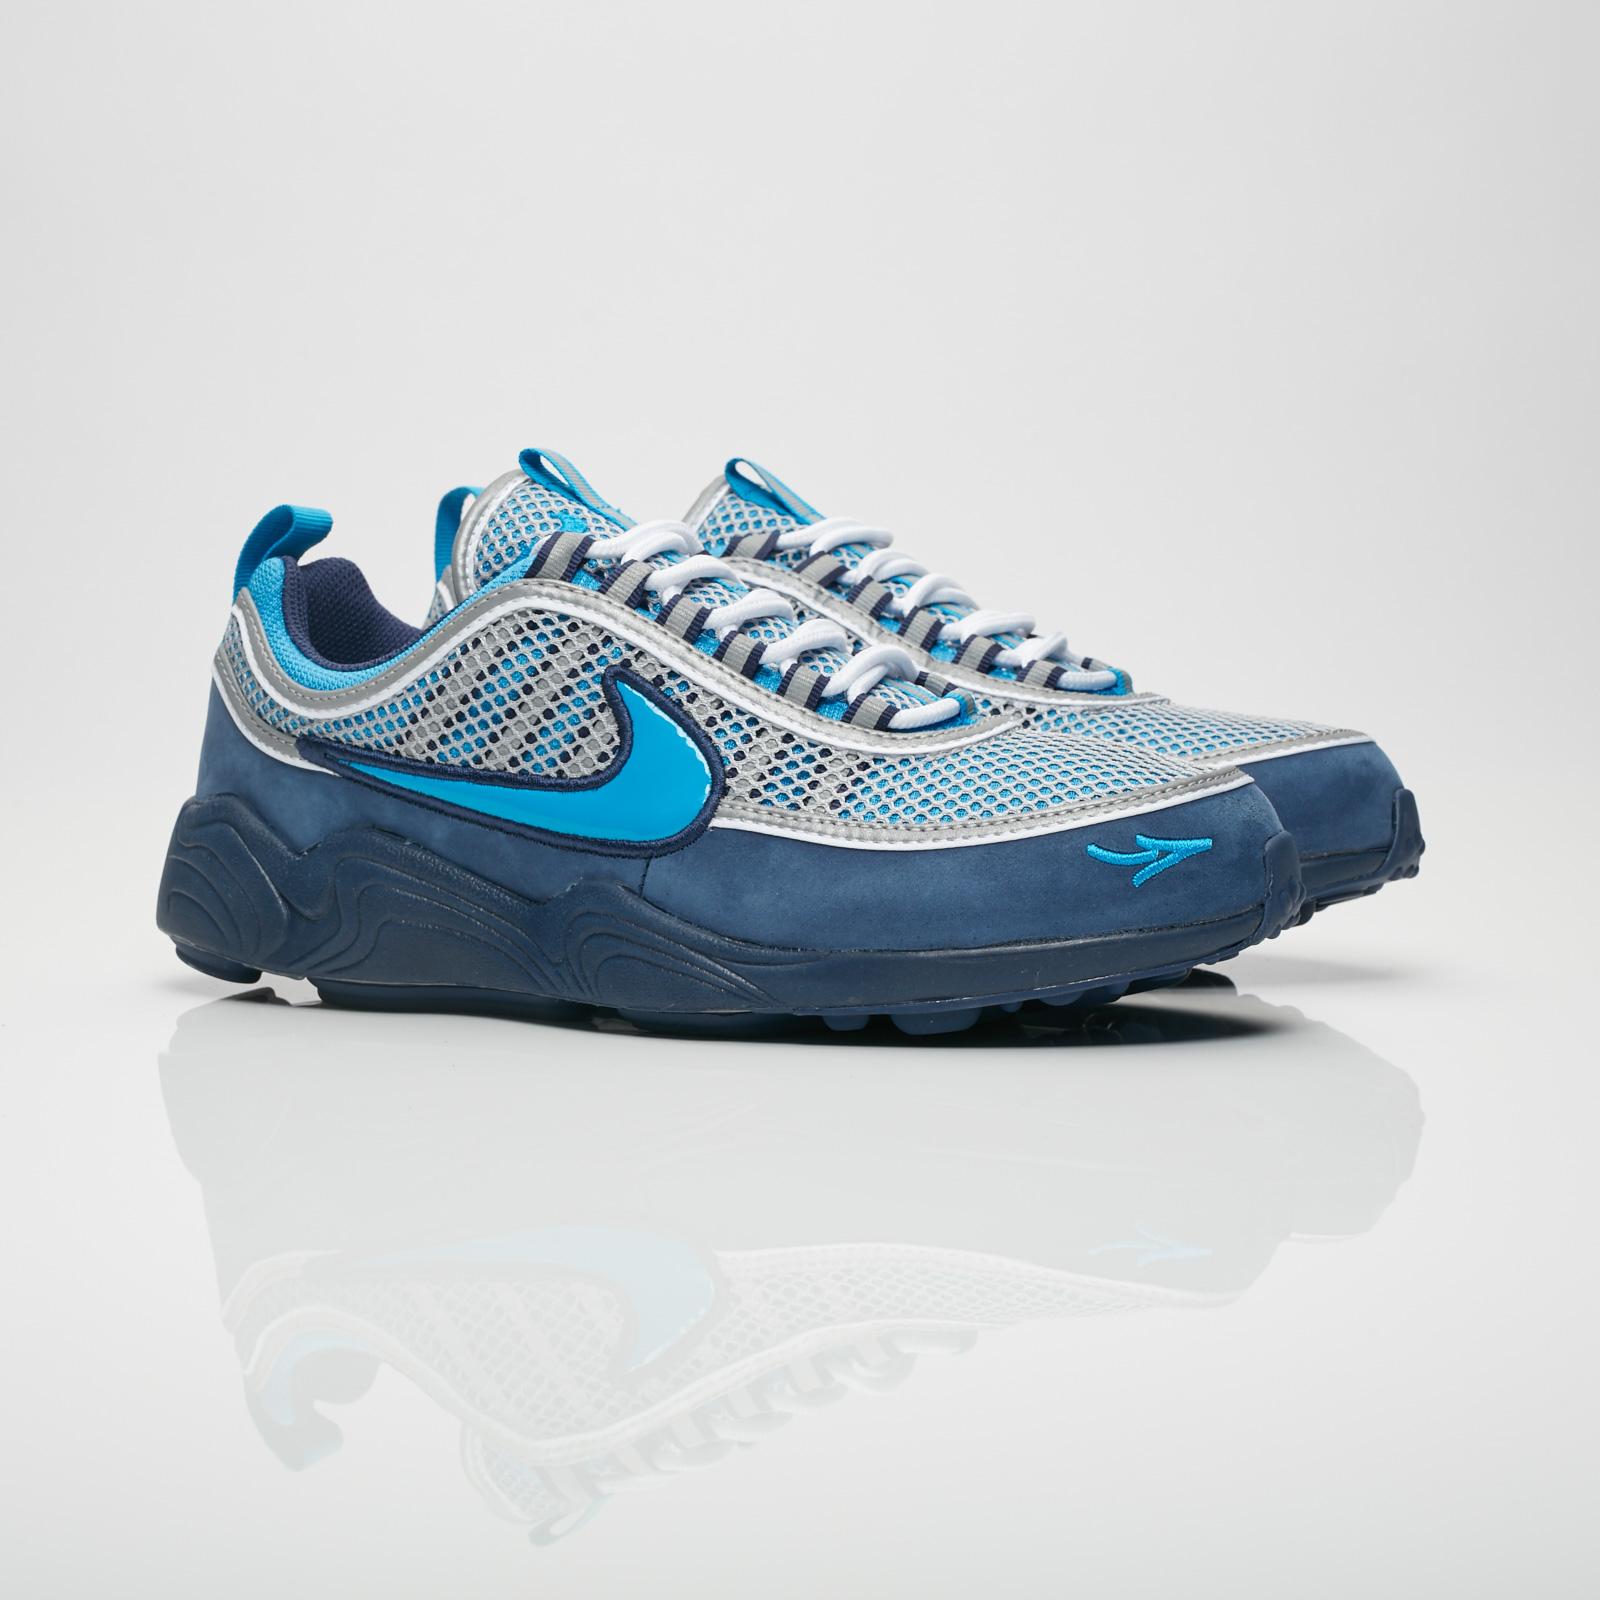 96af55d75b20 Nike Air Zoom Spiridon 16 STASH - Ah7973-400 - Sneakersnstuff ...